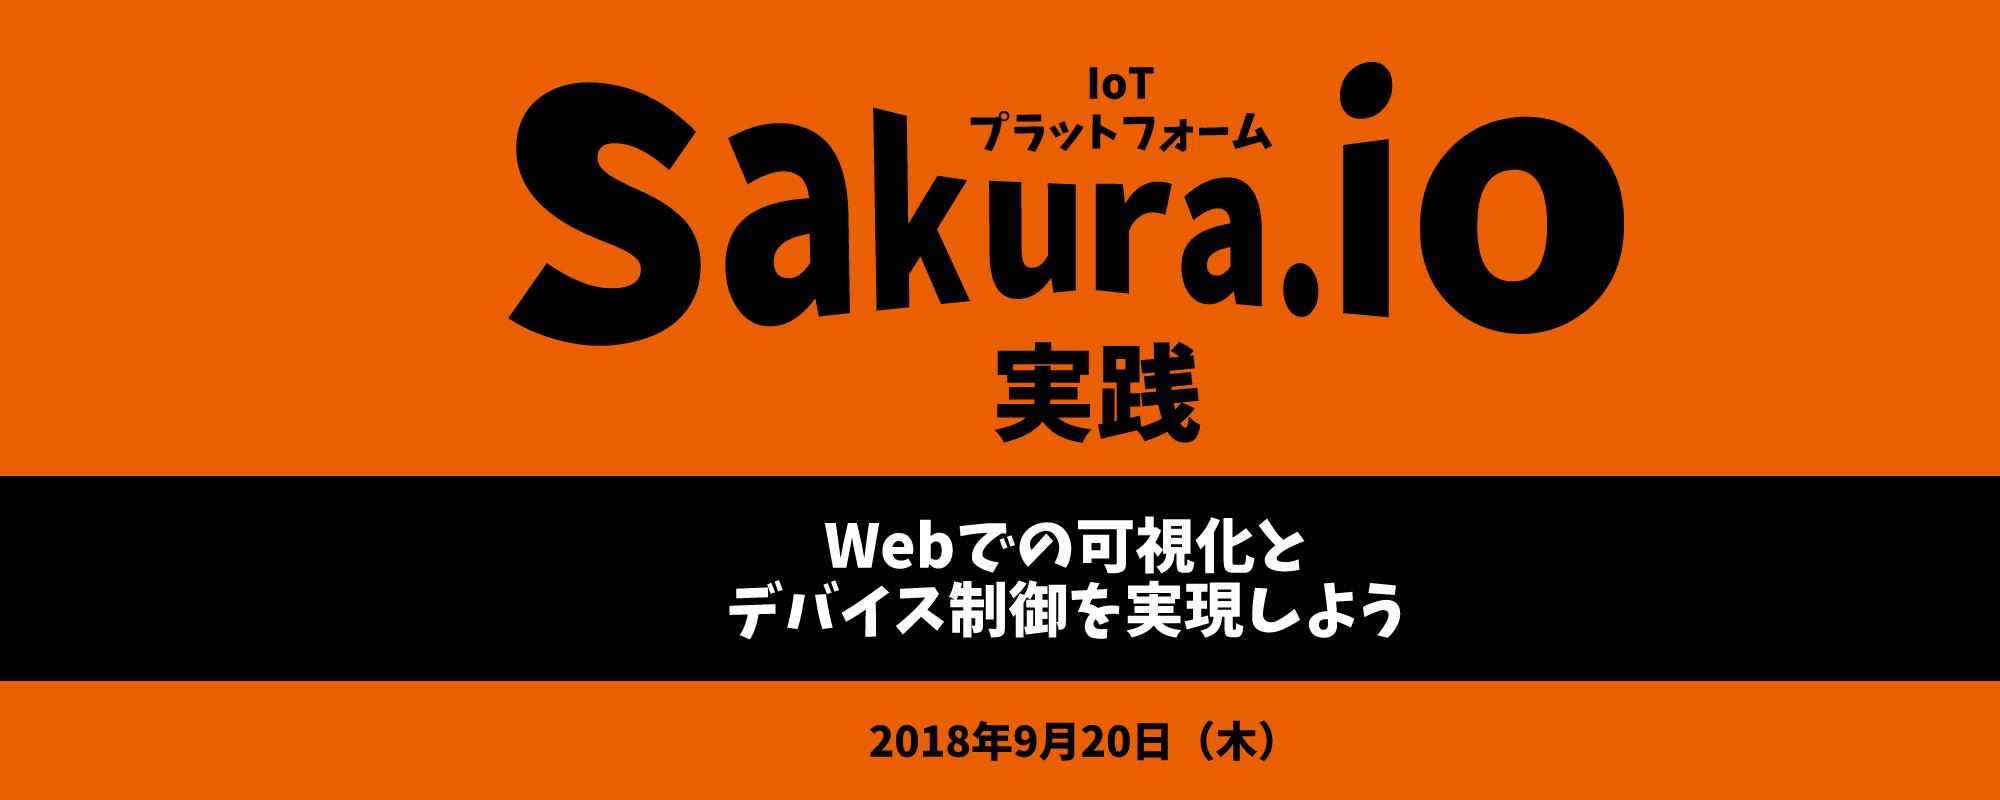 IoTプラットフォーム「sakura.io」実践〜Webでの可視化とデバイス制御を実現しよう